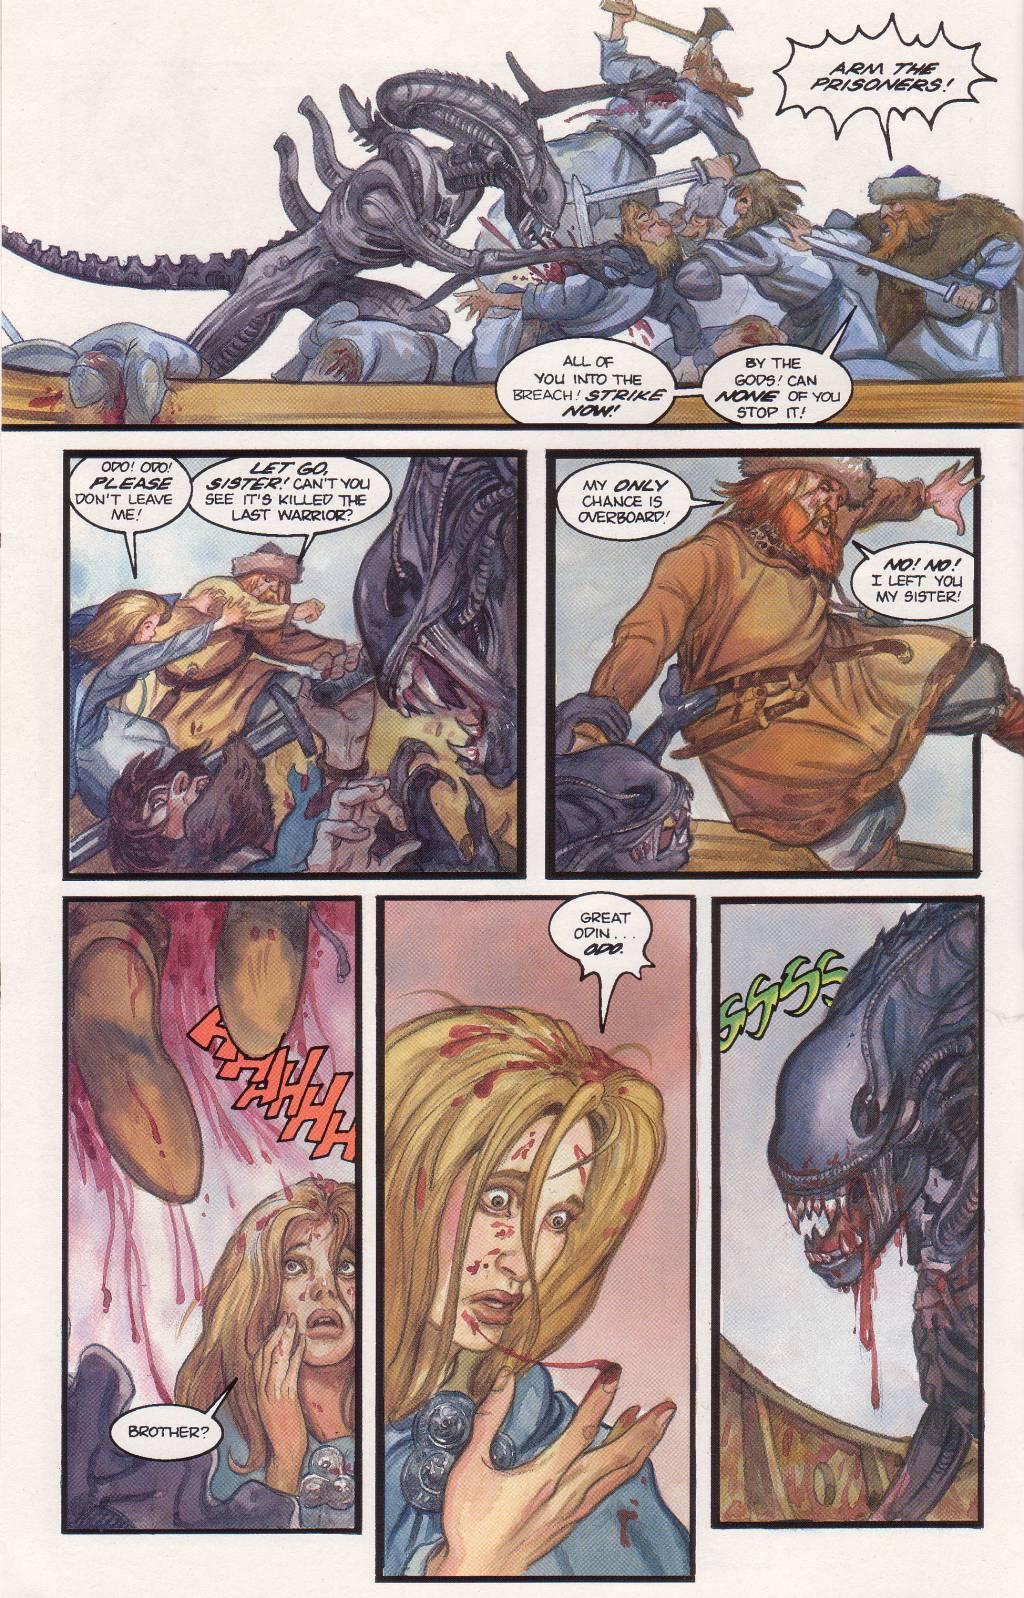 Бэтмен против Чужого?! Безумные комикс-кроссоверы сксеноморфами | Канобу - Изображение 21